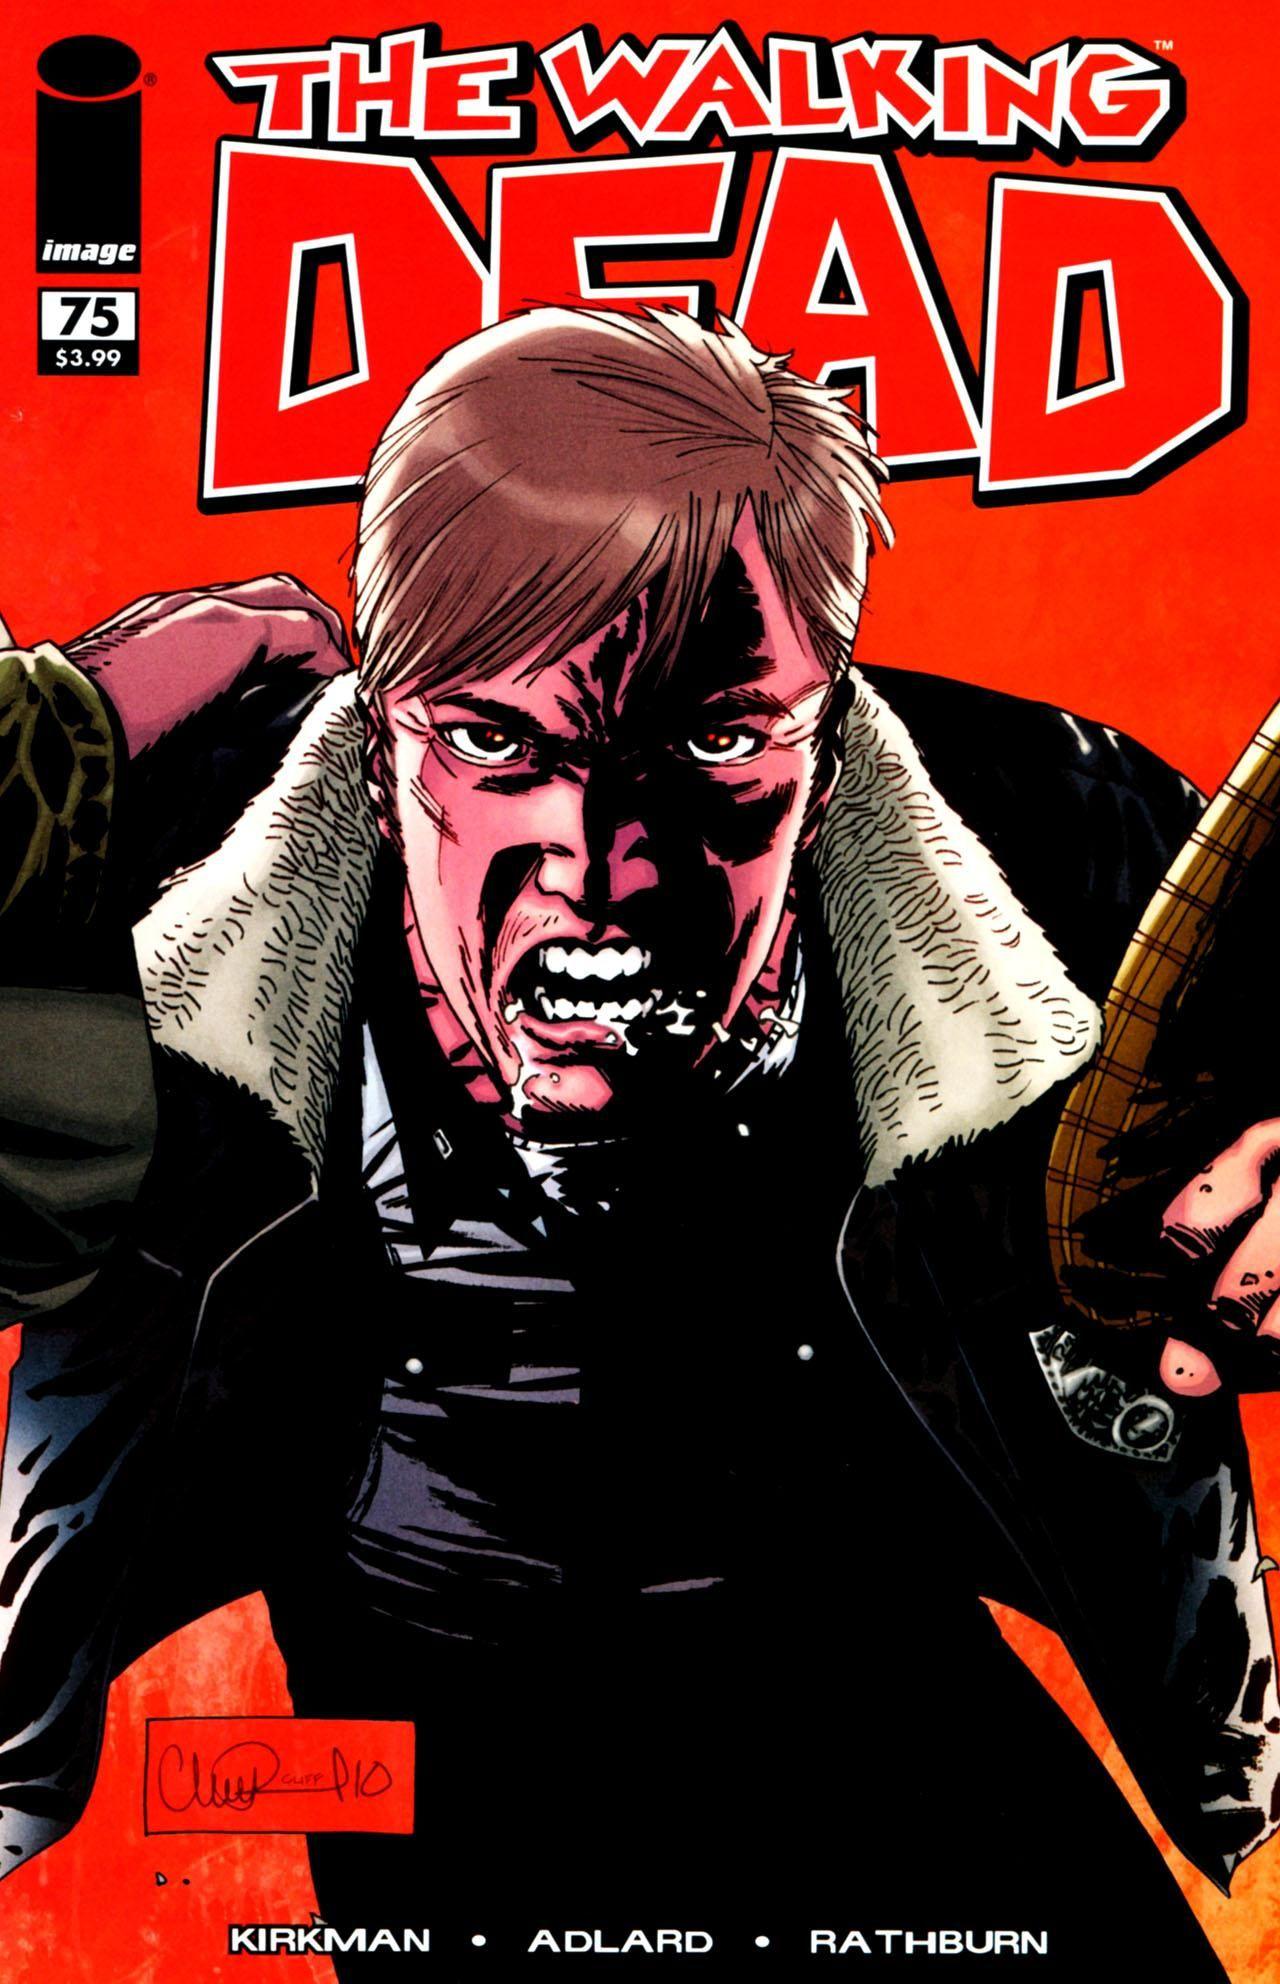 Issue 75 Walking Dead Comic Book Walking Dead Comics The Walking Dead